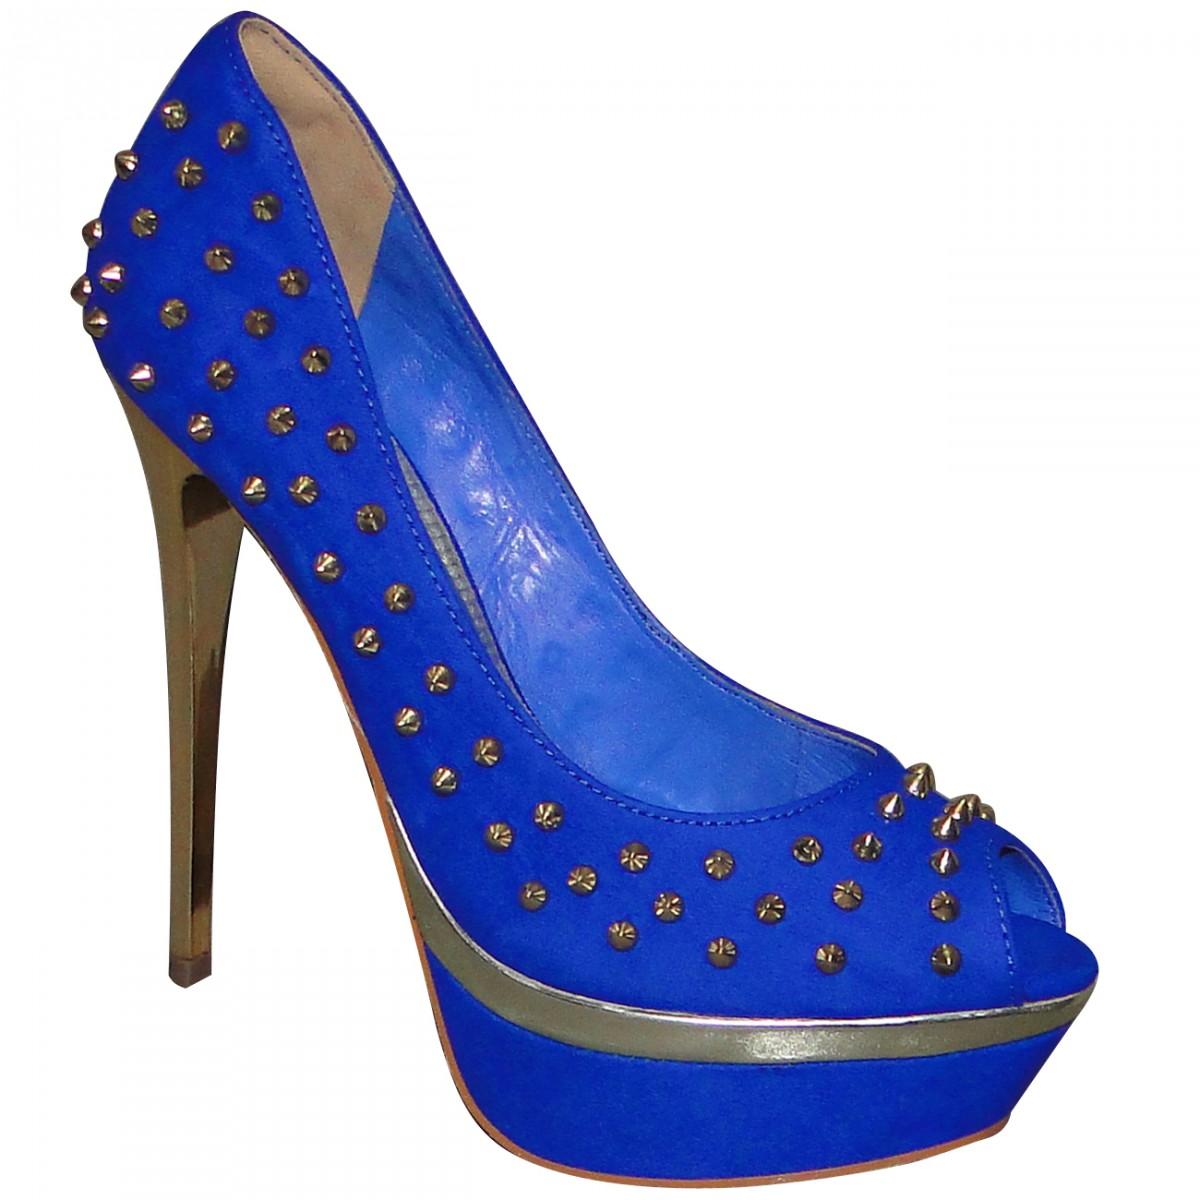 b1fd700777 Sapato Via Marte Ref.13-1503 13-1503-121180 - Azul Dourado - Chuteira Nike